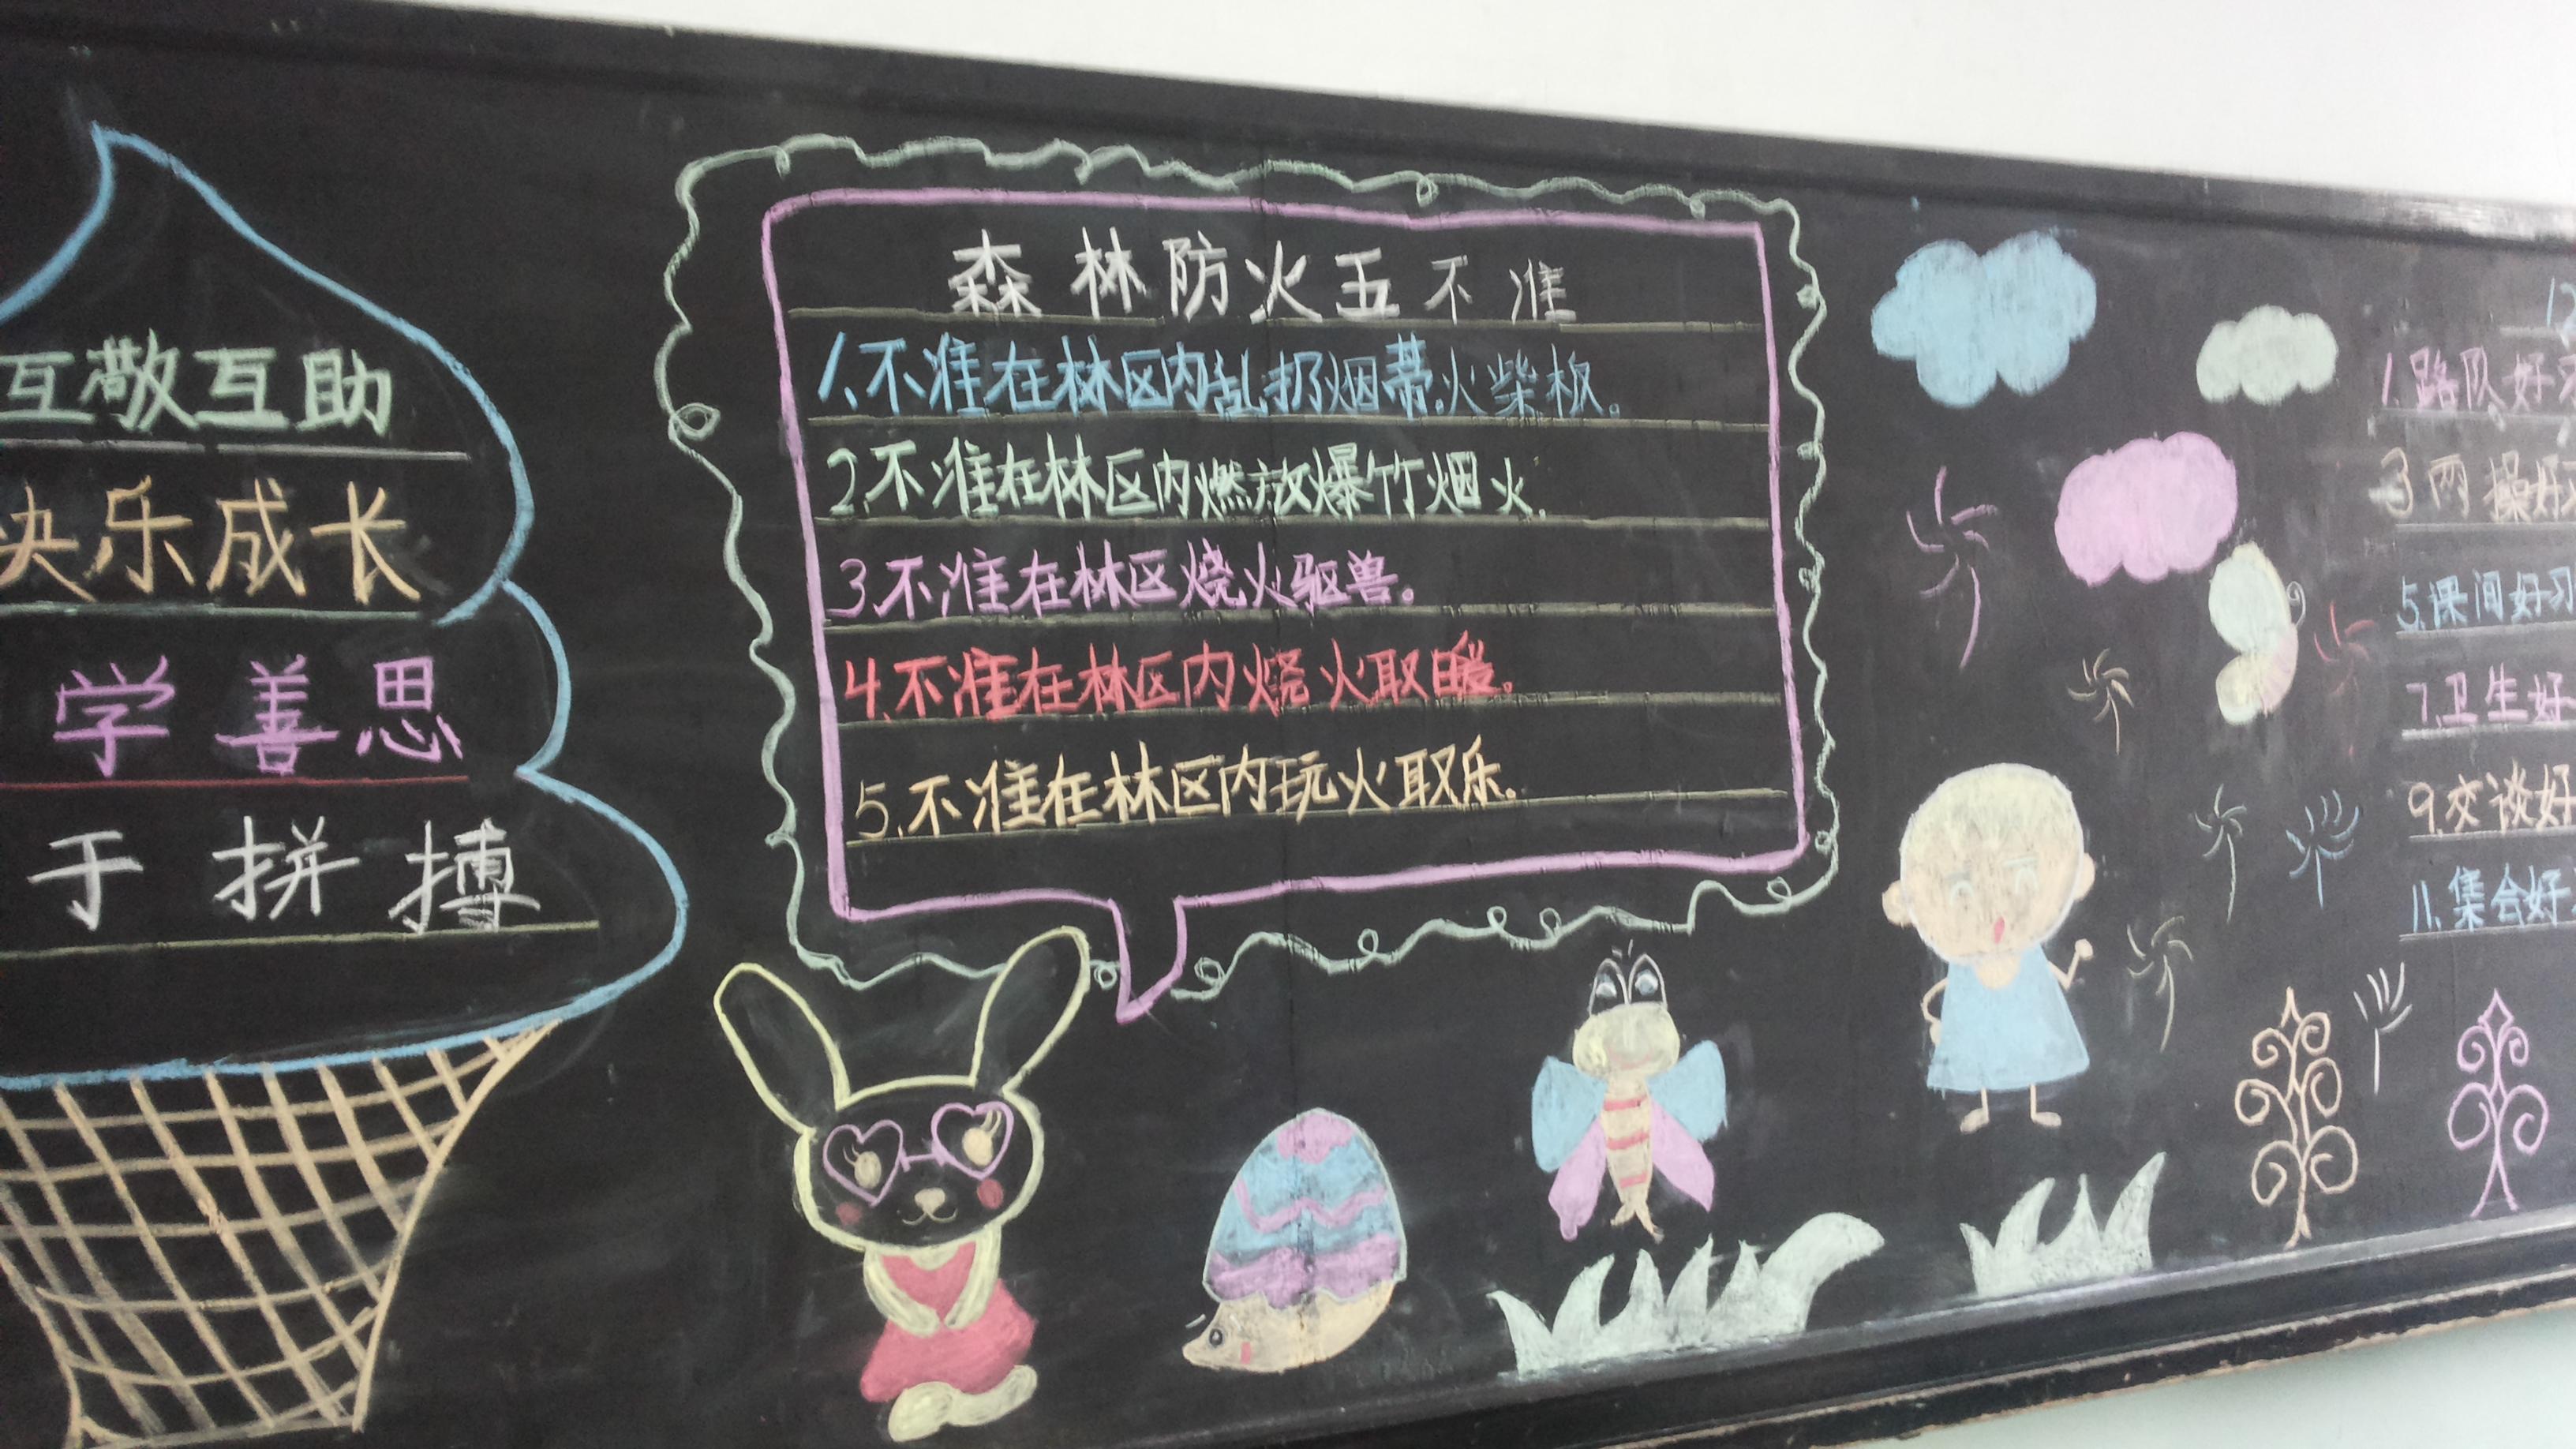 以校园安全为主题的黑板报_学识网